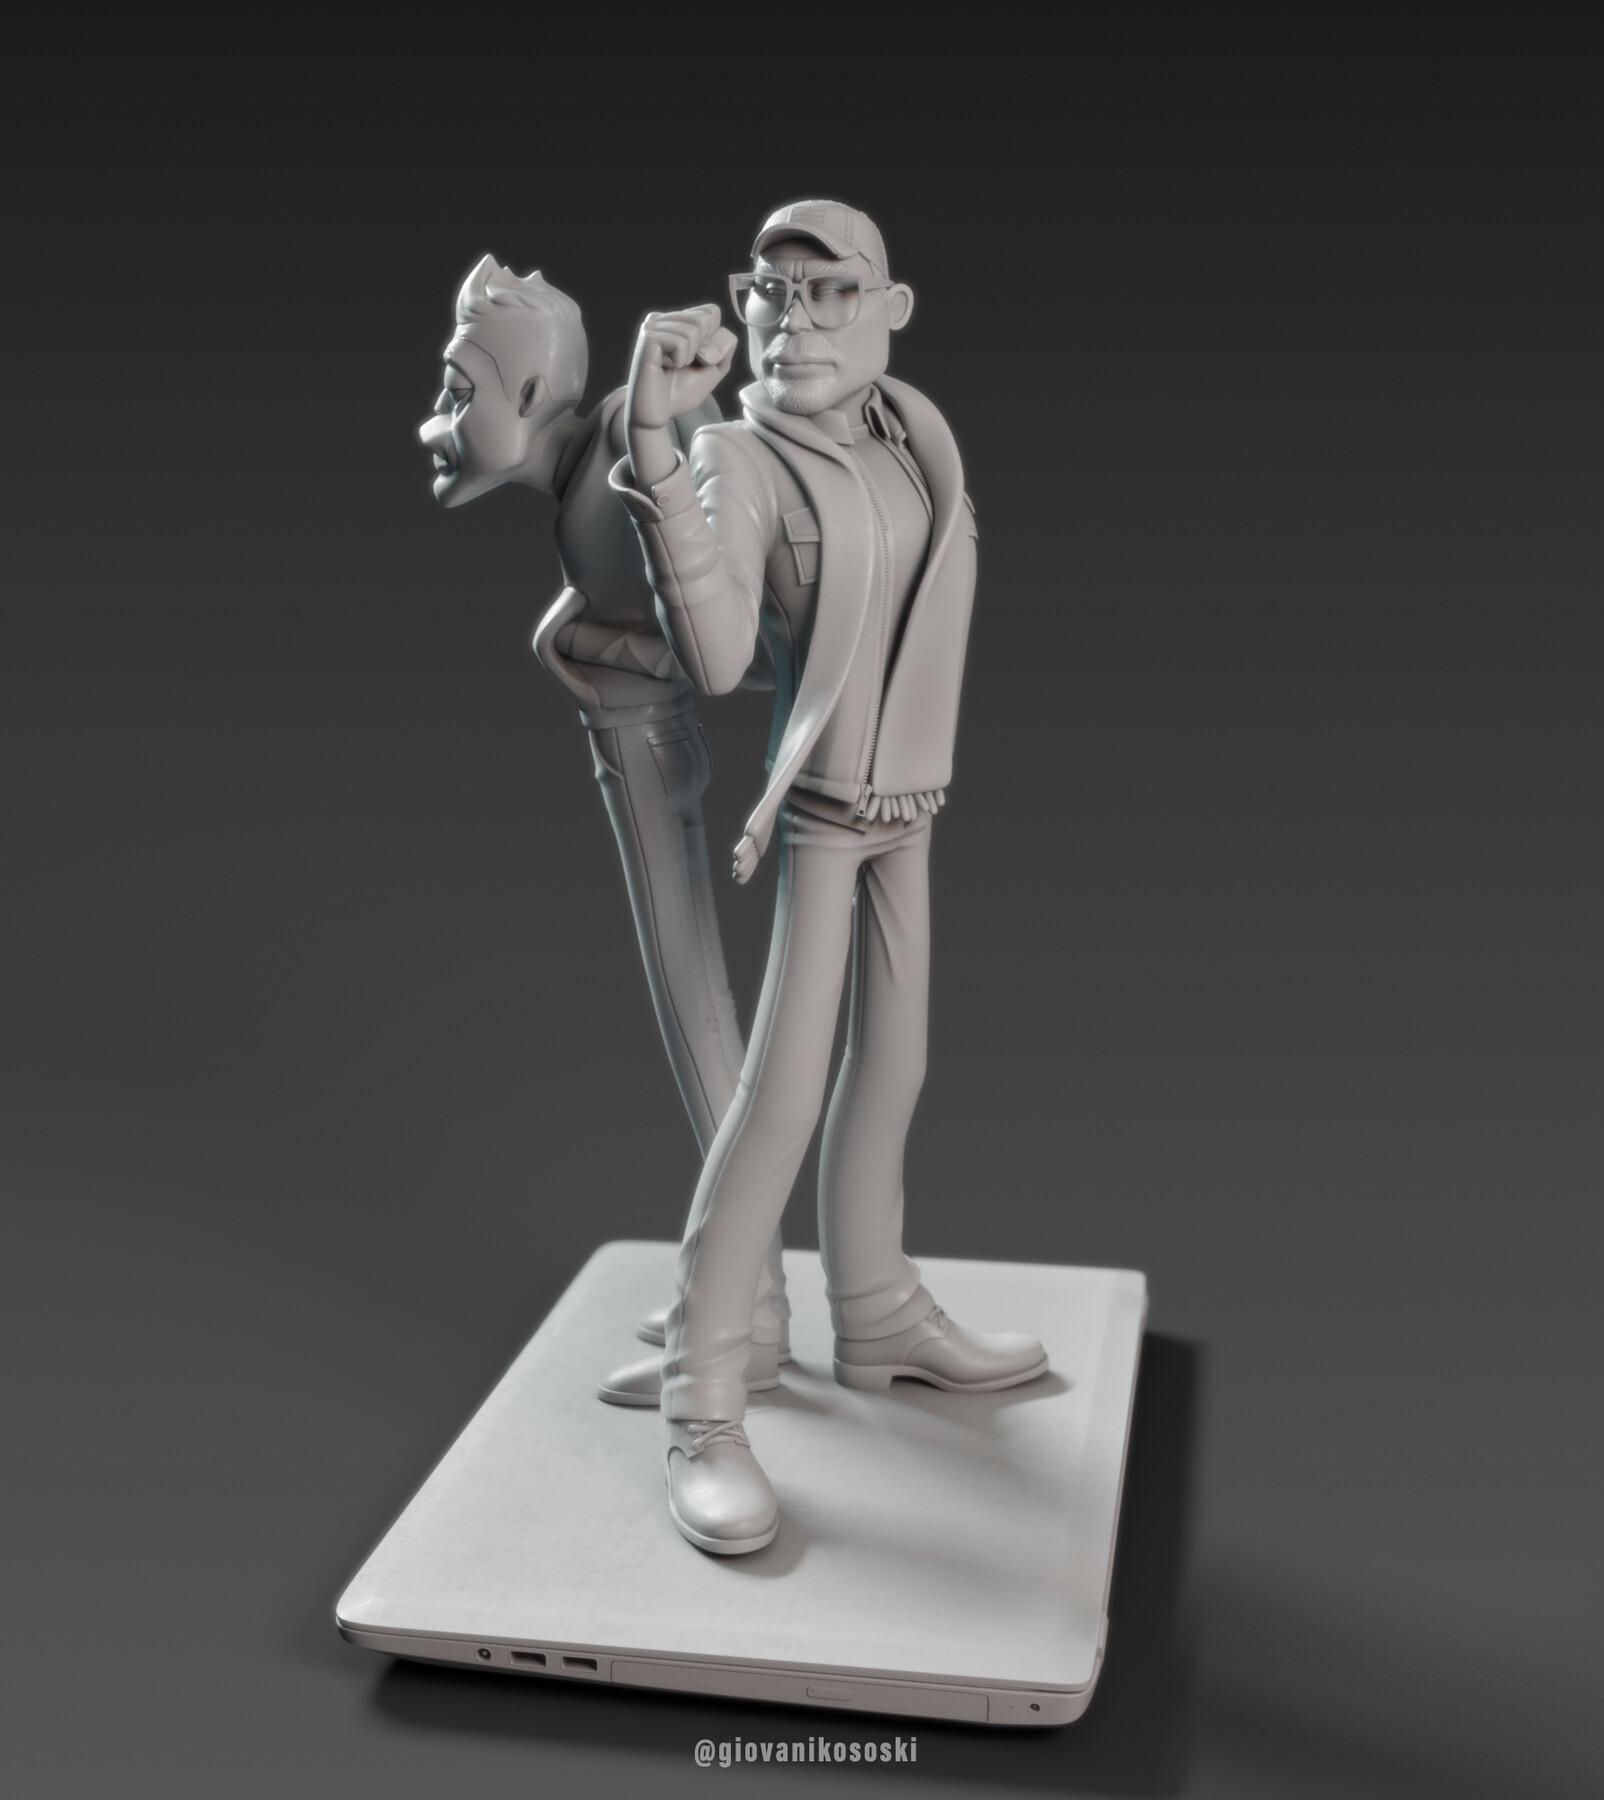 Giovani kososki mrobot clay 02